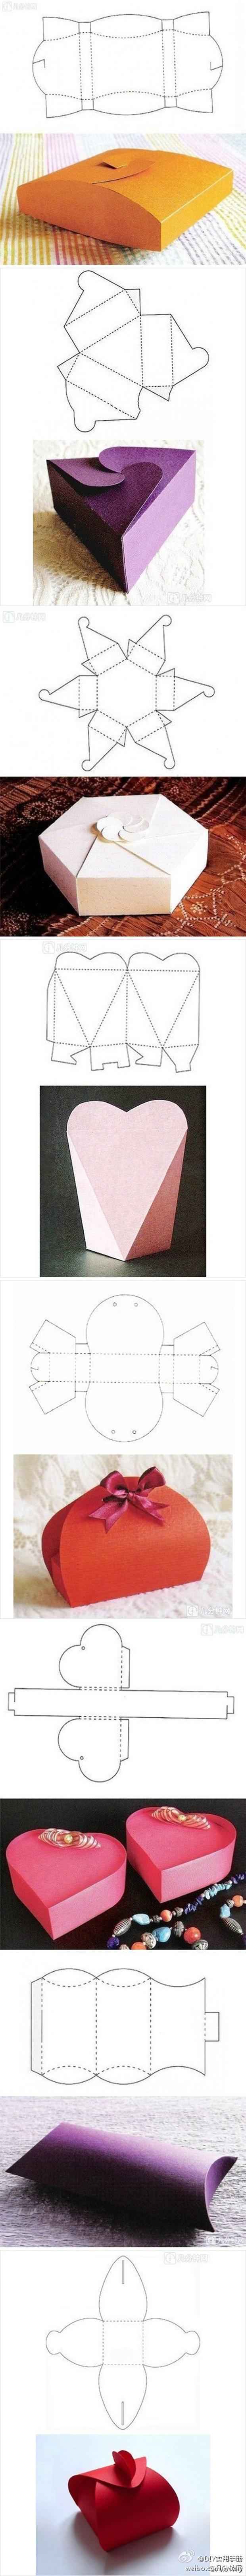 Подарок своими руками схемы коробочка